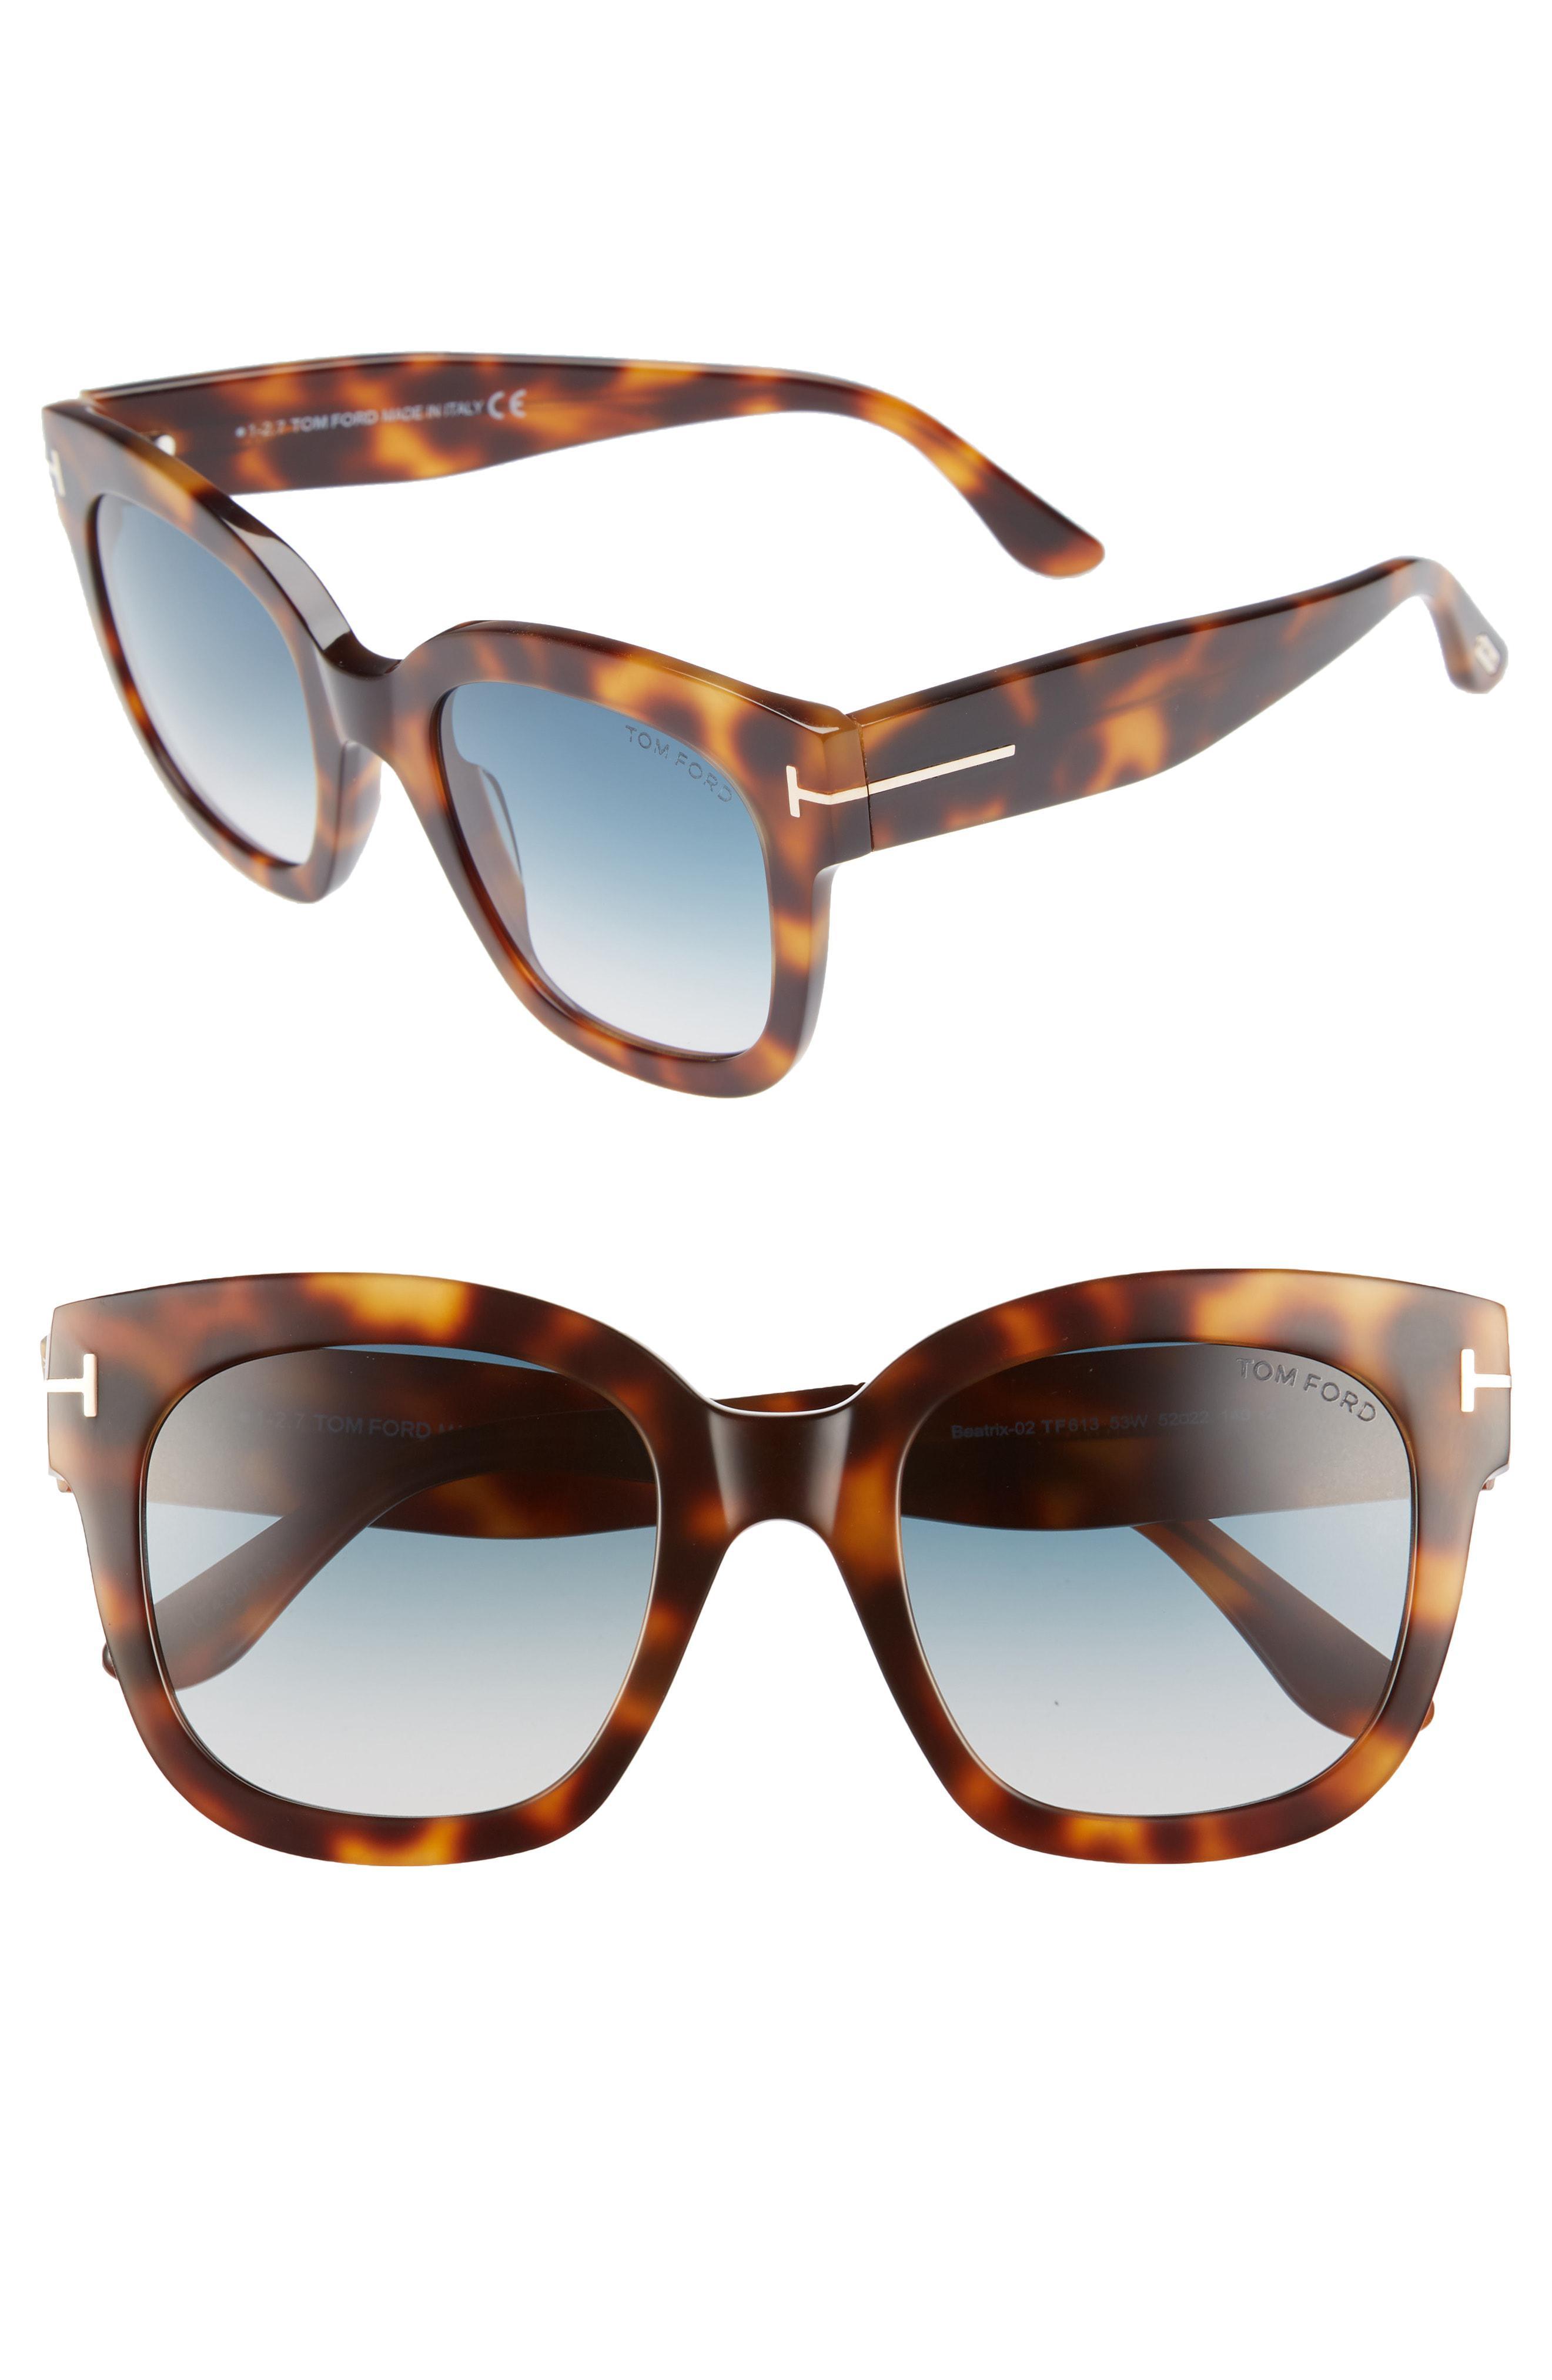 0b5cabb7d5 Tom Ford - Beatrix 52mm Sunglasses - Blonde Havana  Gradient Blue - Lyst.  View fullscreen